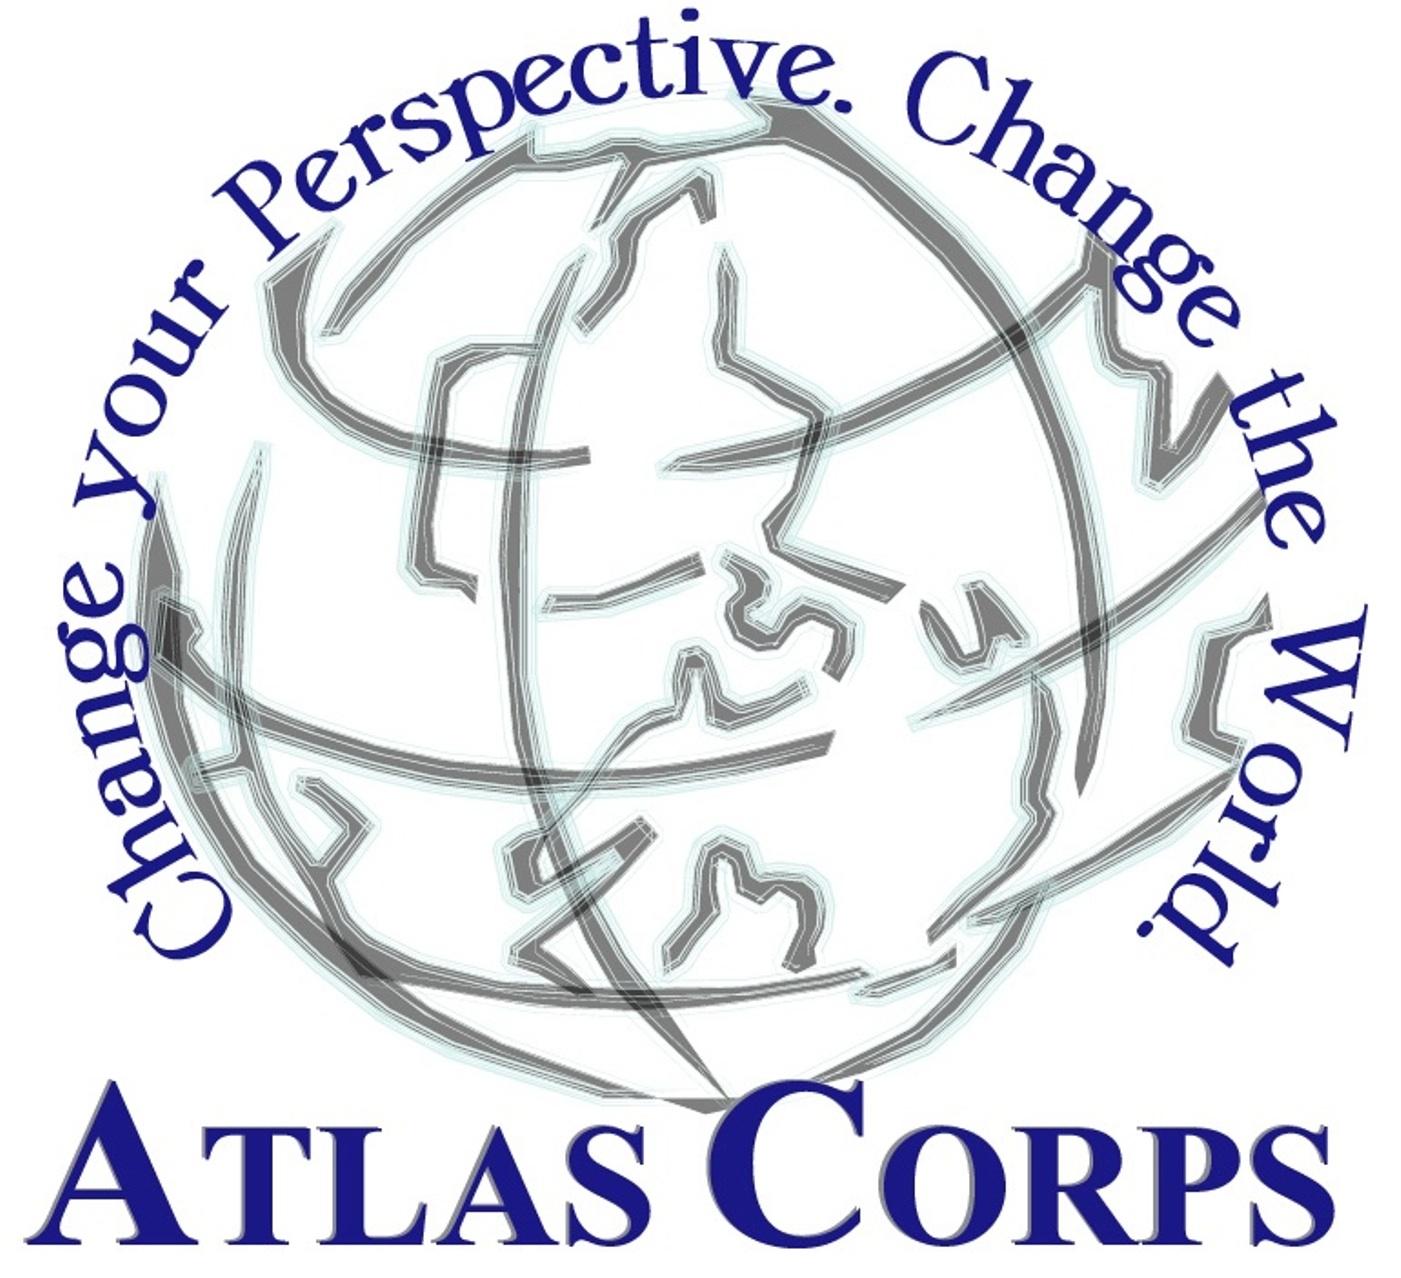 AtlasCorpsLogo.jpg